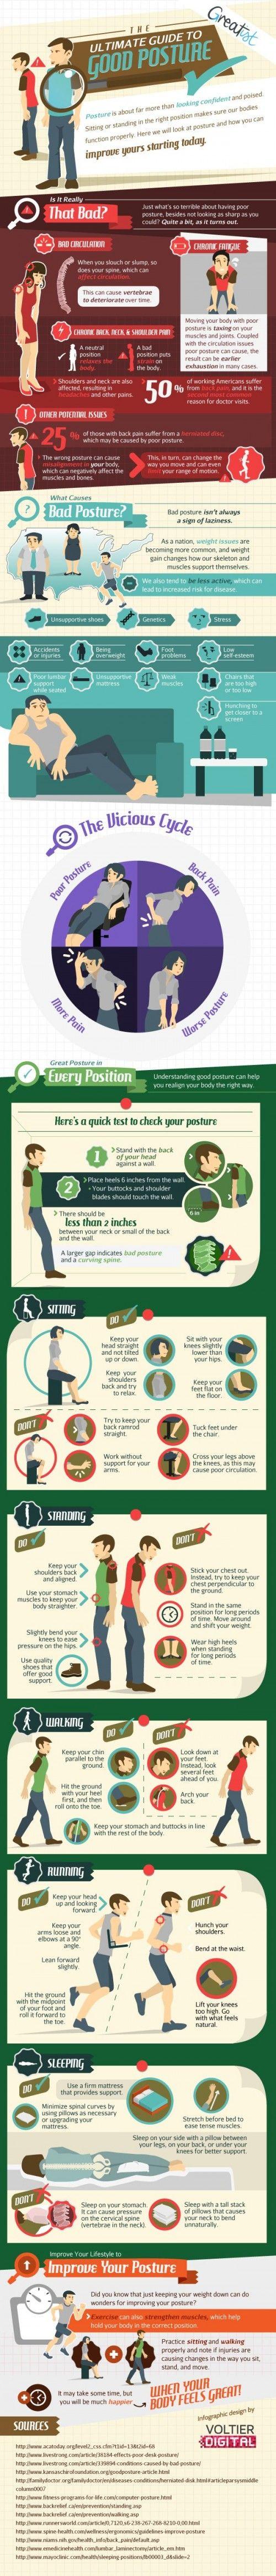 ИНФОГРАФИКА: Как исправить осанку и привести спину в порядок